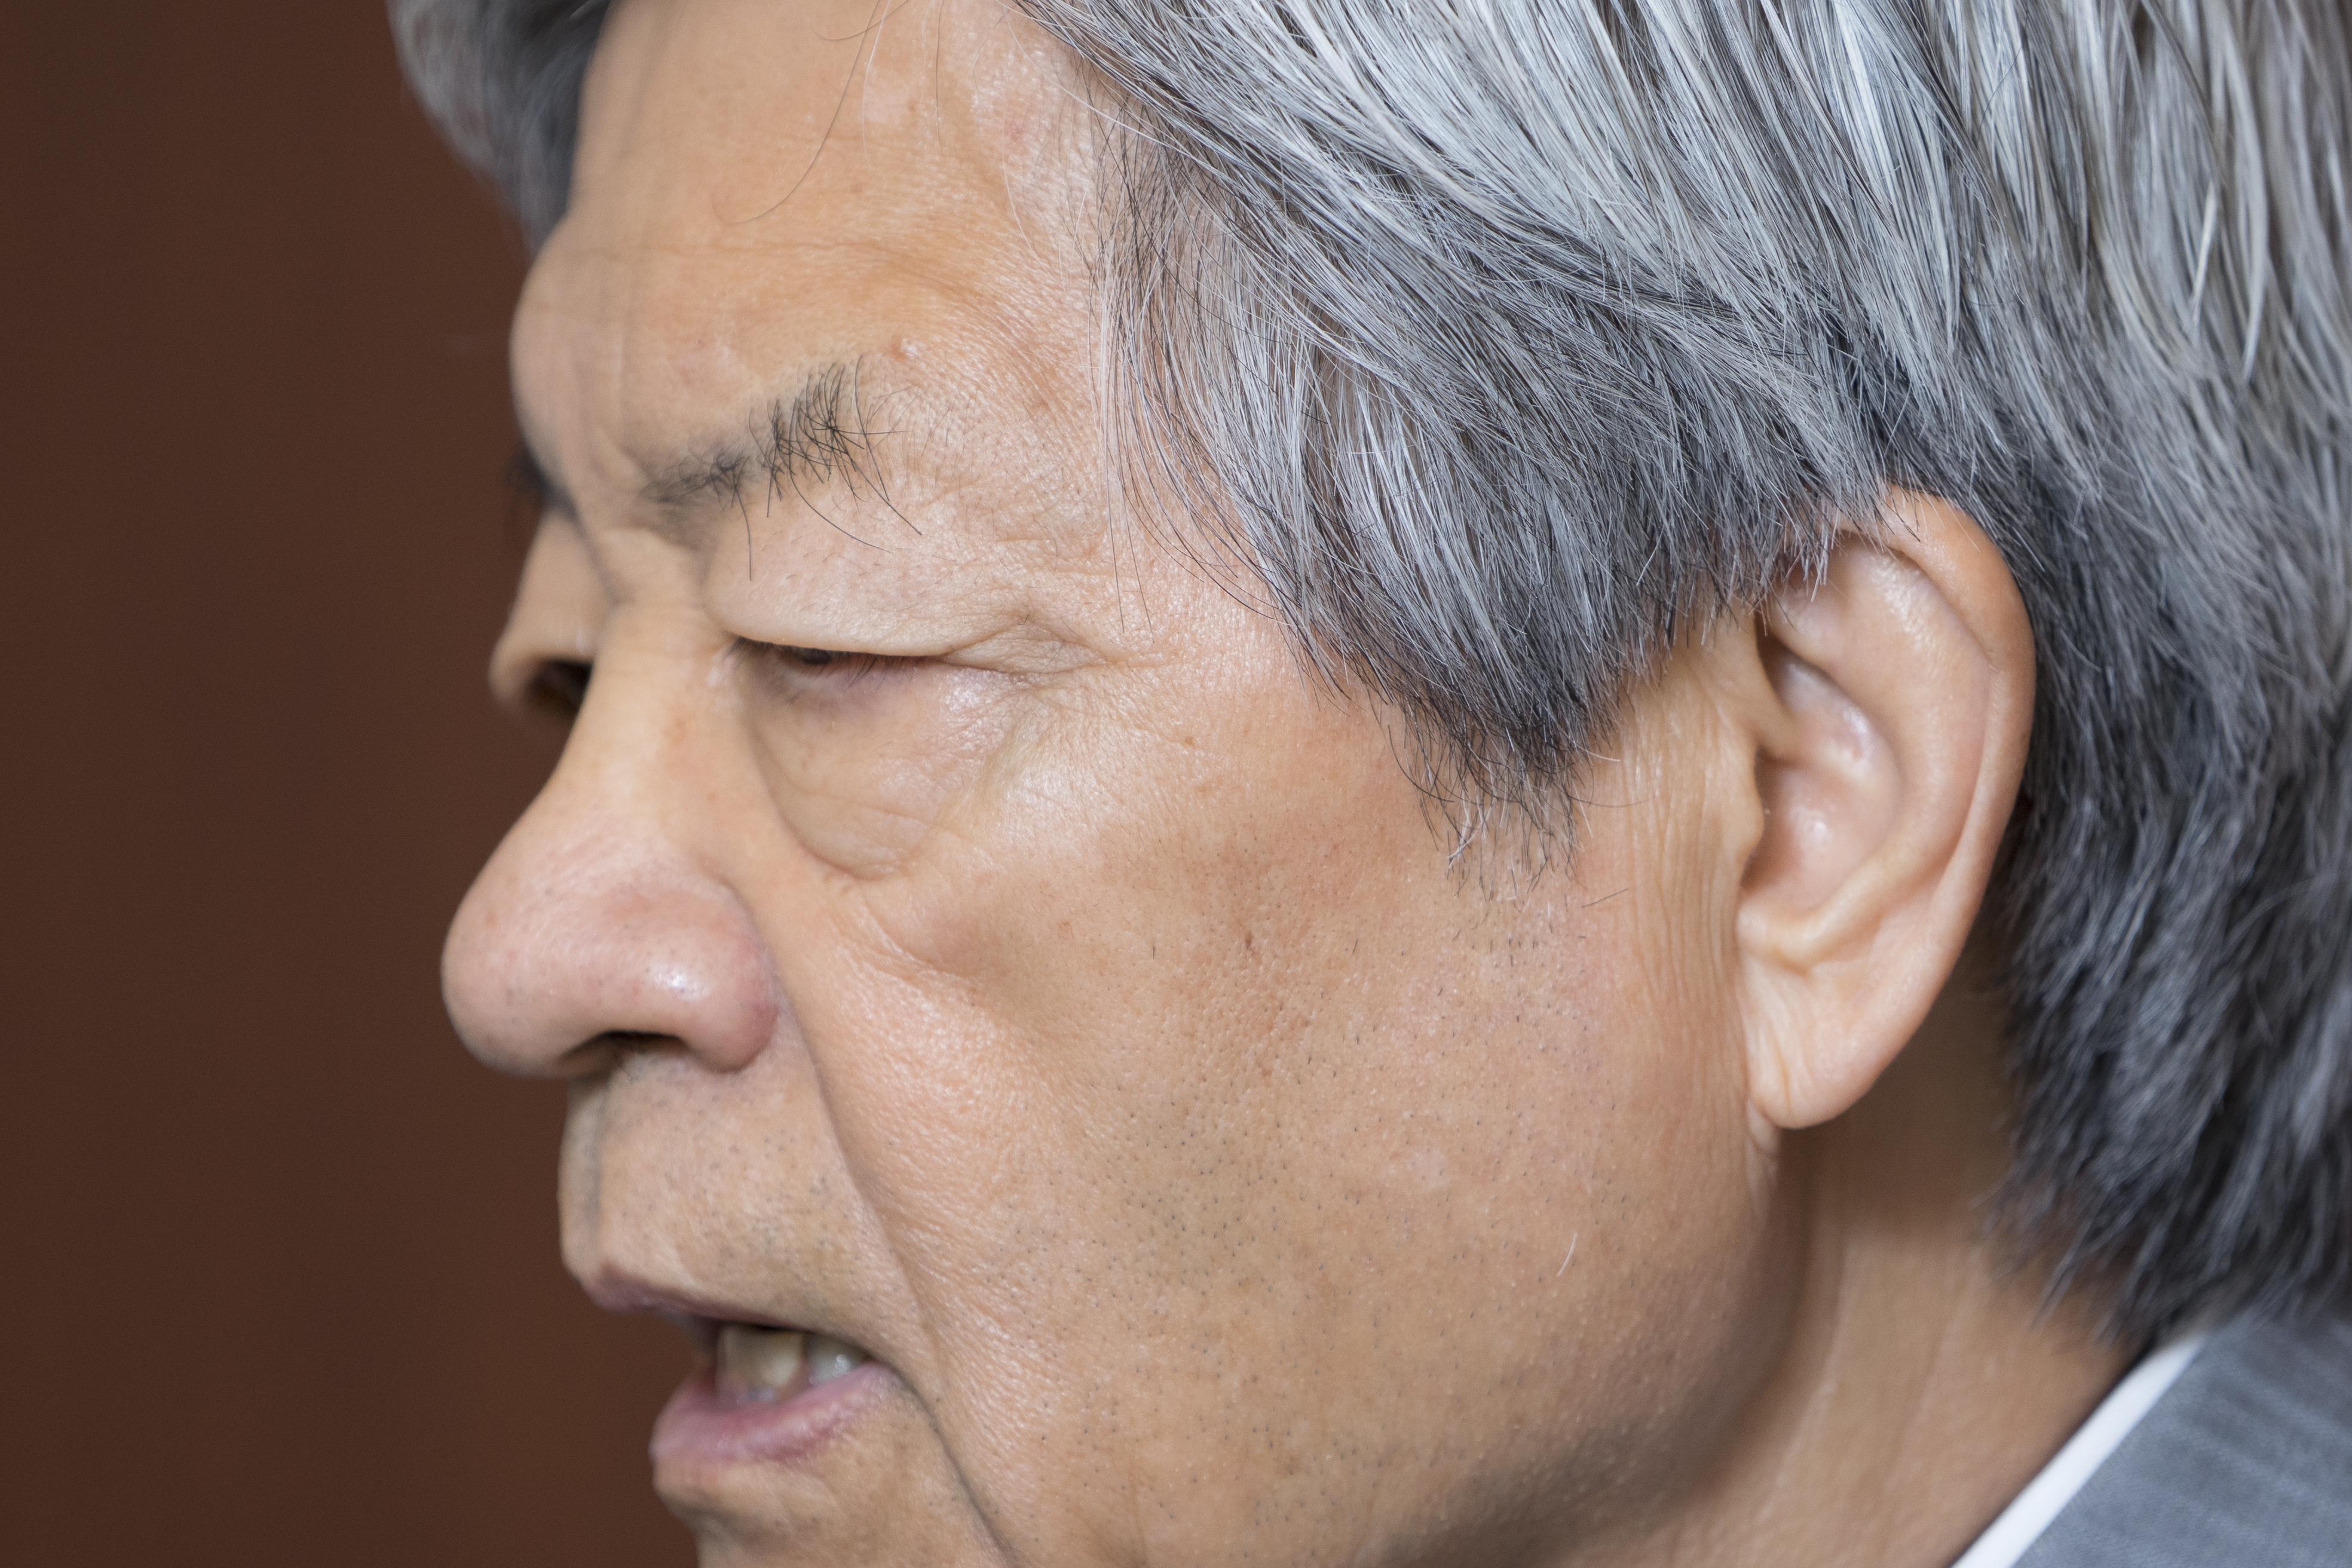 田原総一朗 「自民党の憲法草案は、国民を縛りつけるような文言が多過ぎる」